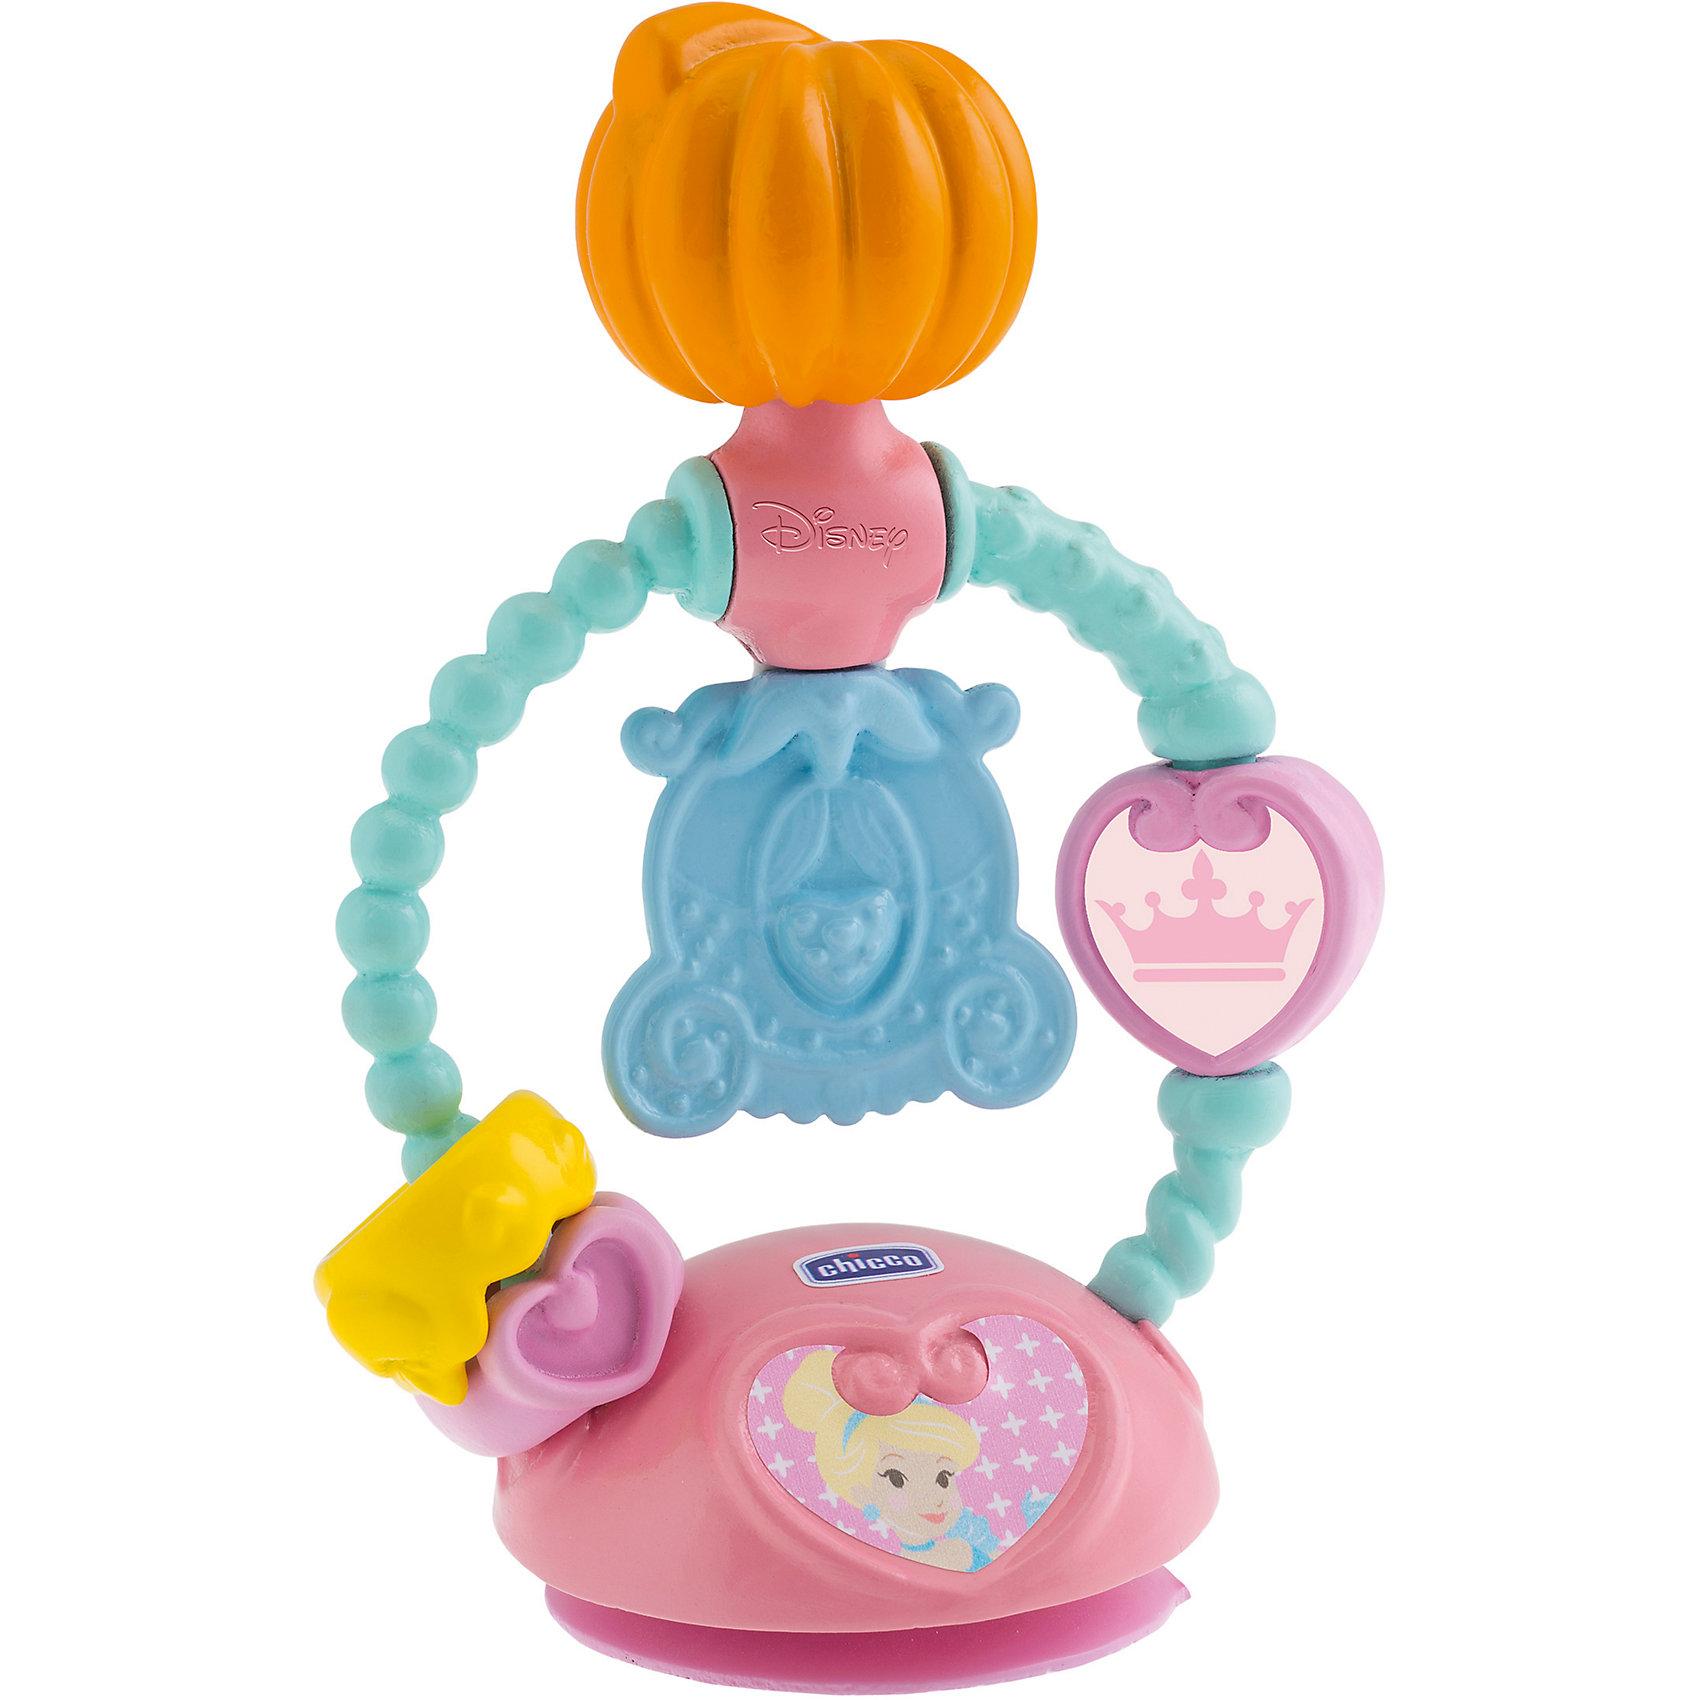 Игрушка для стульчика - ЗолушкаРазвивающие Игрушки Chicco<br>Игрушка для стульчика - Золушка<br>